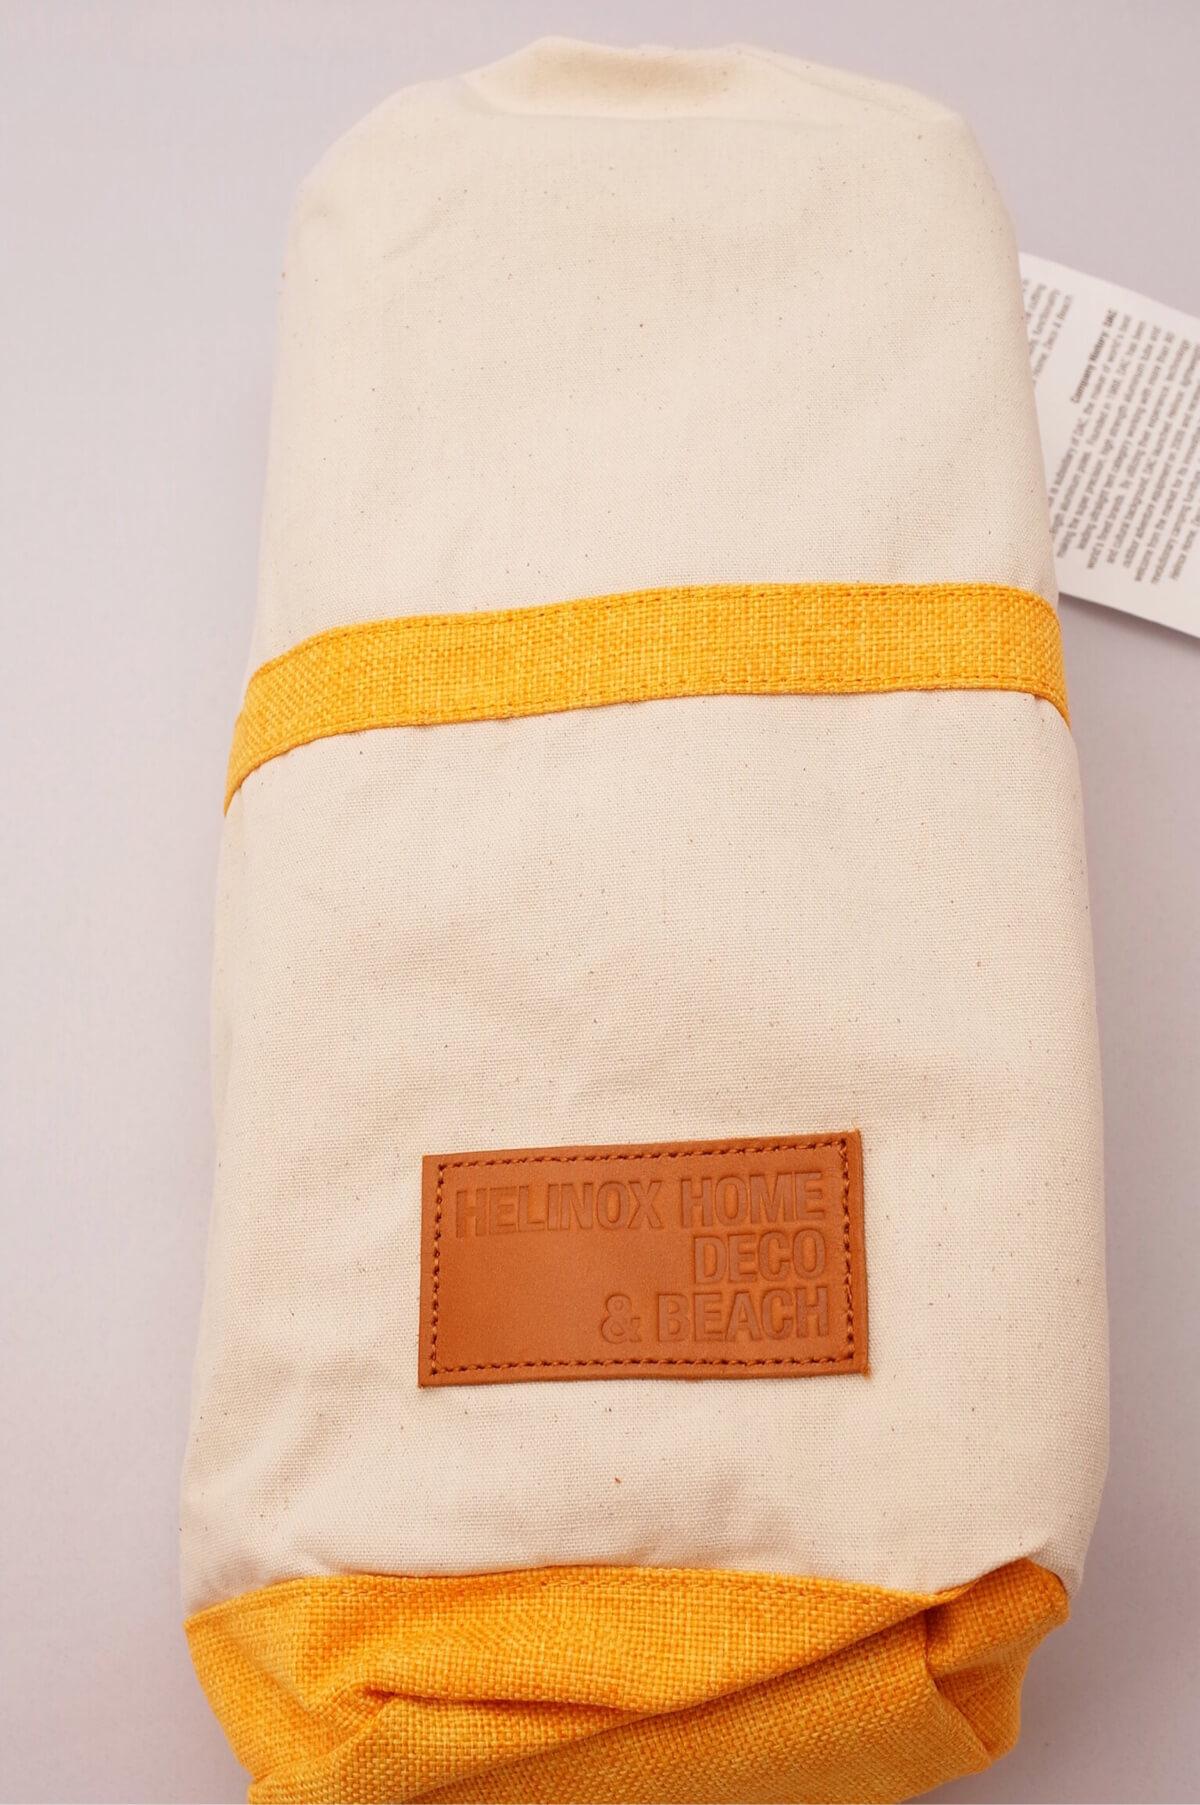 ヘリノックス コンフォートチェア 袋